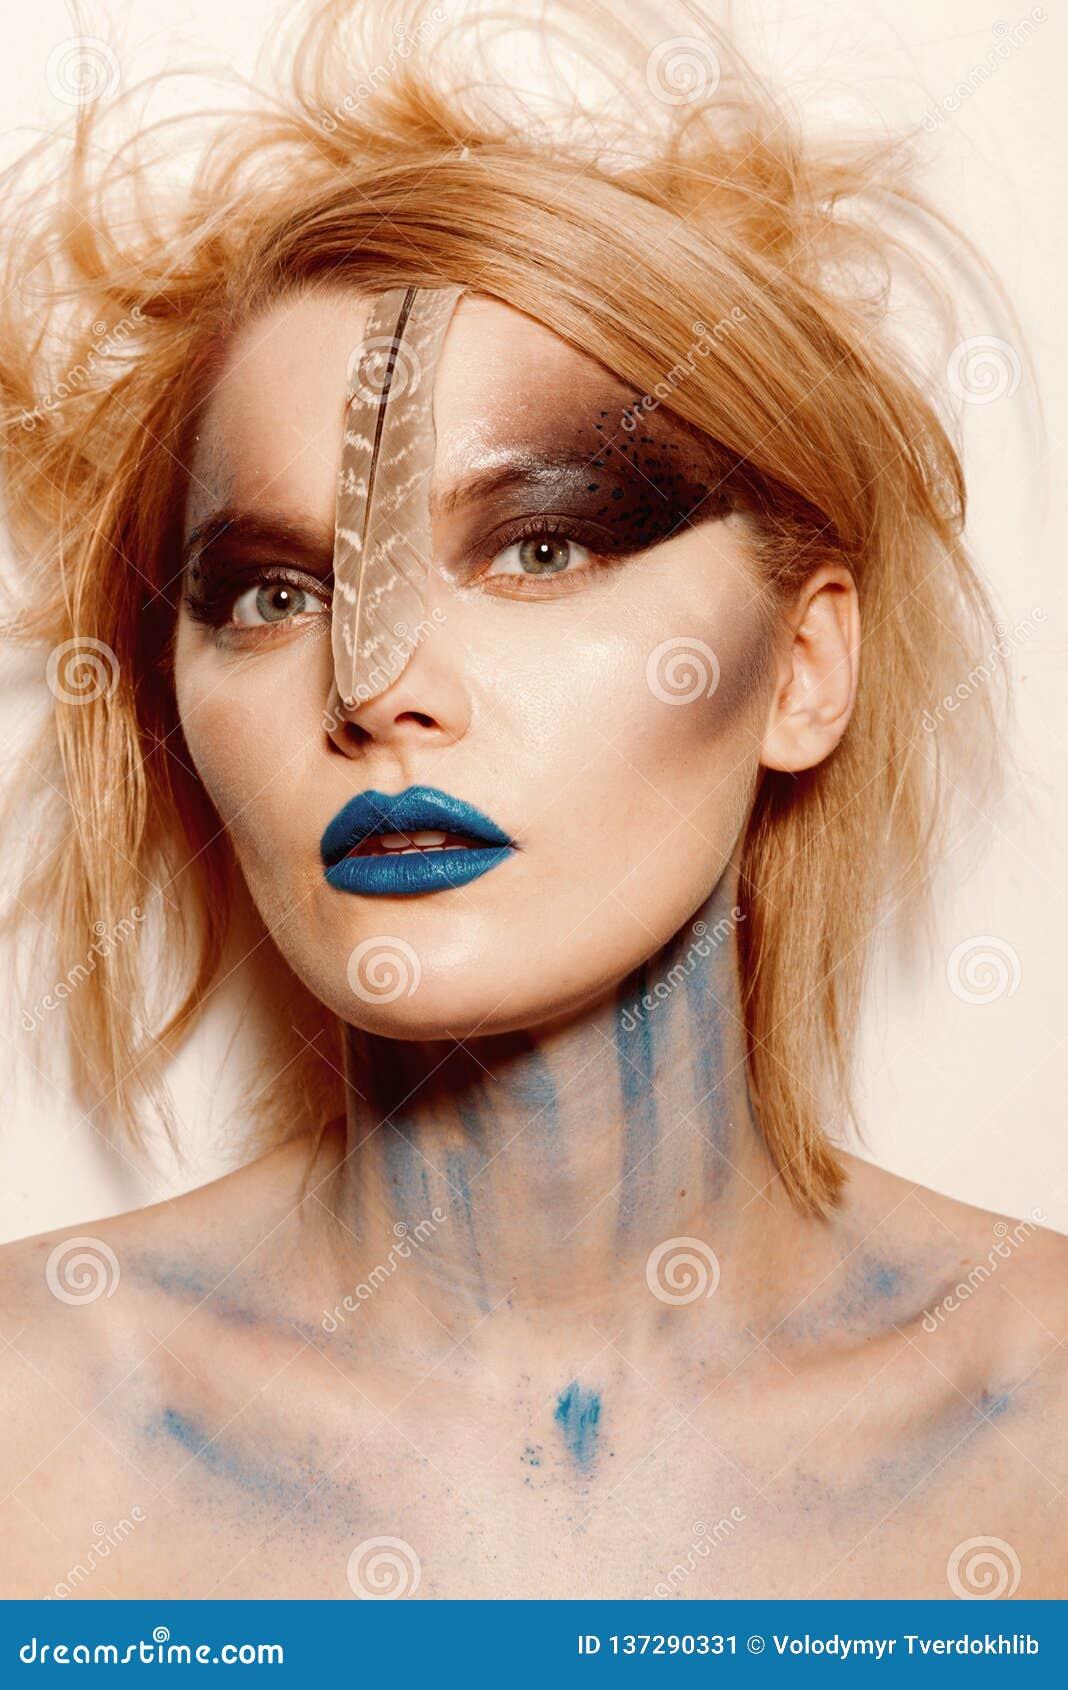 Krwisty Halloween i horrorze Makeup skincare i kosmetyki Piękno fryzjer i salon Seksowna kobieta z tajemnicy makeup